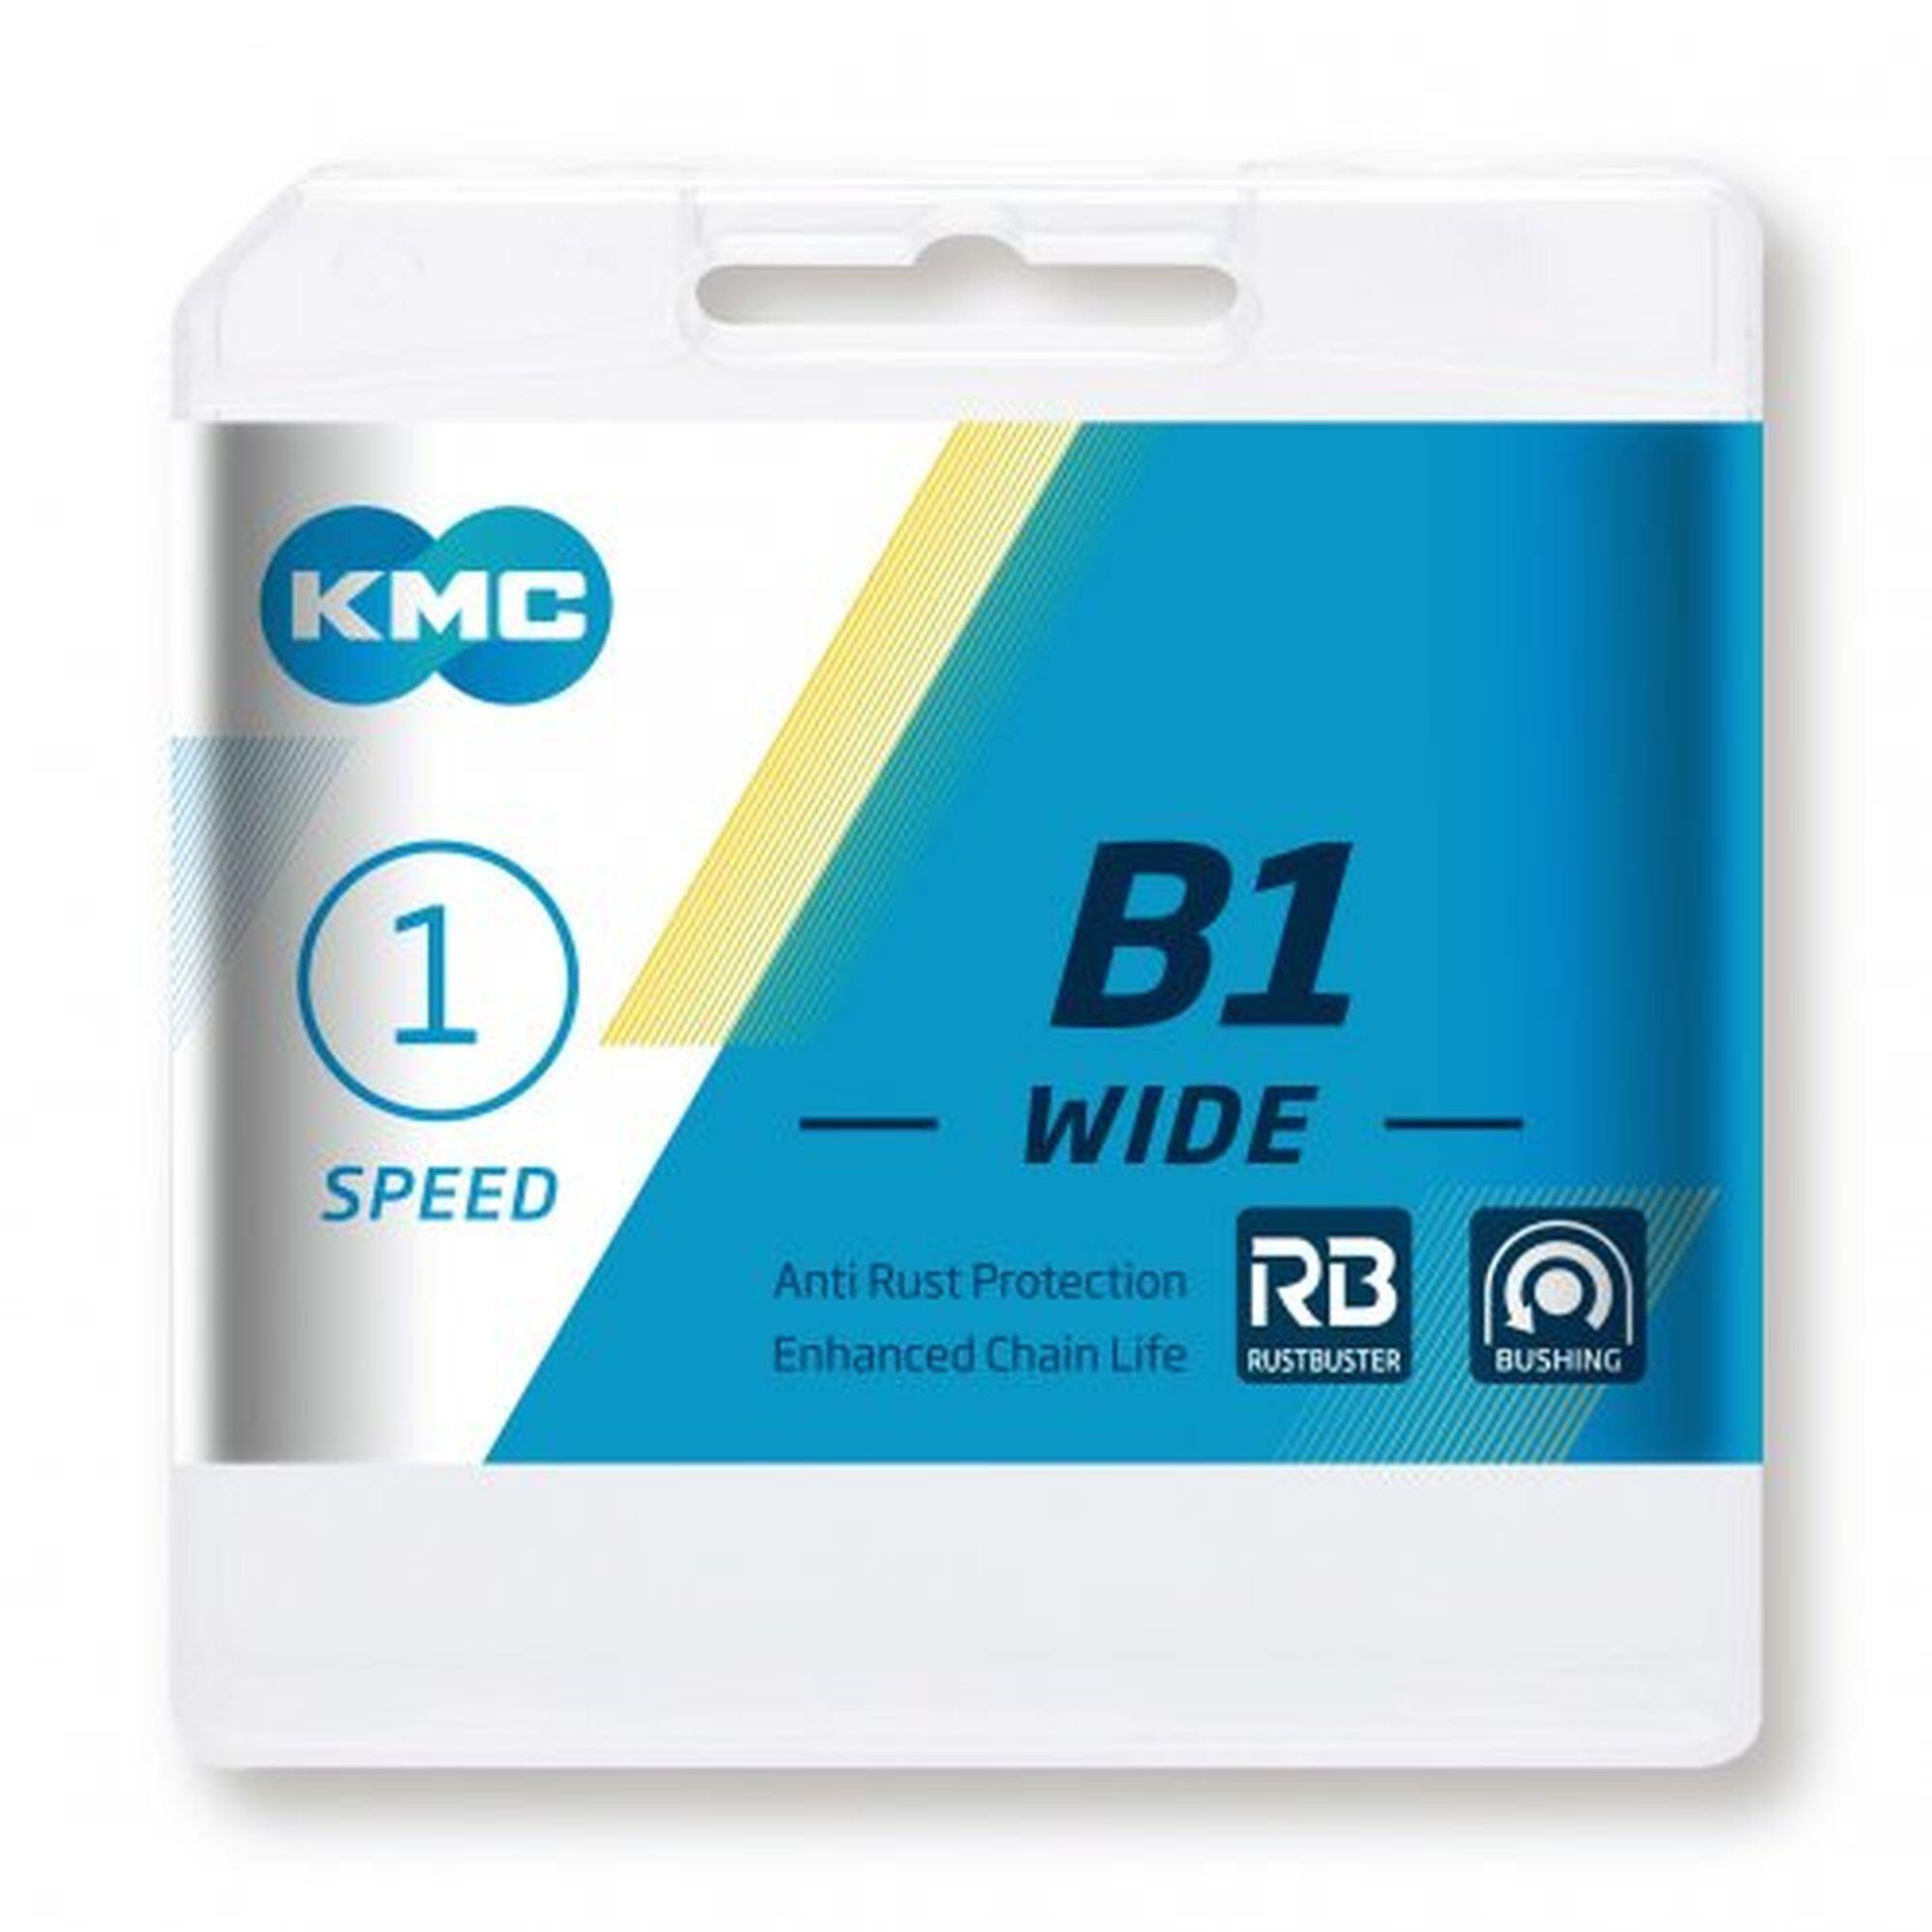 KMC B1 Wide RB Kæde 1-speed | Kæder